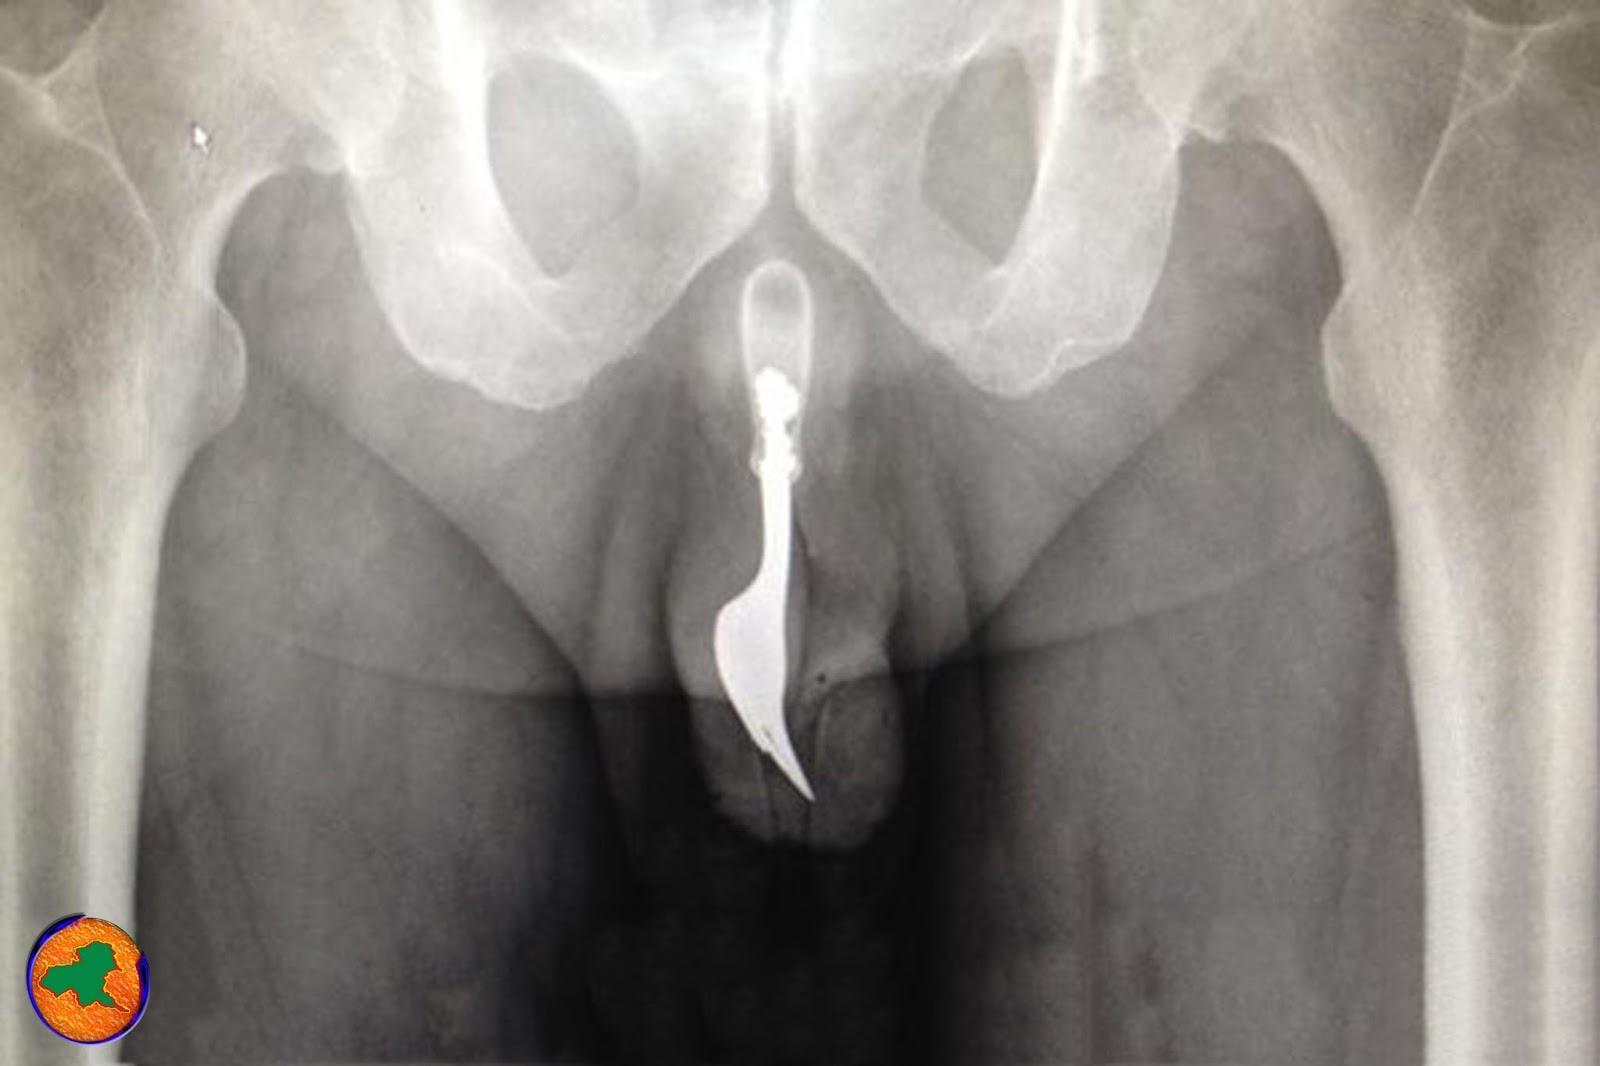 Секс влагалище во время него фото, Огромный пенис во влагалище красотки 1 фотография